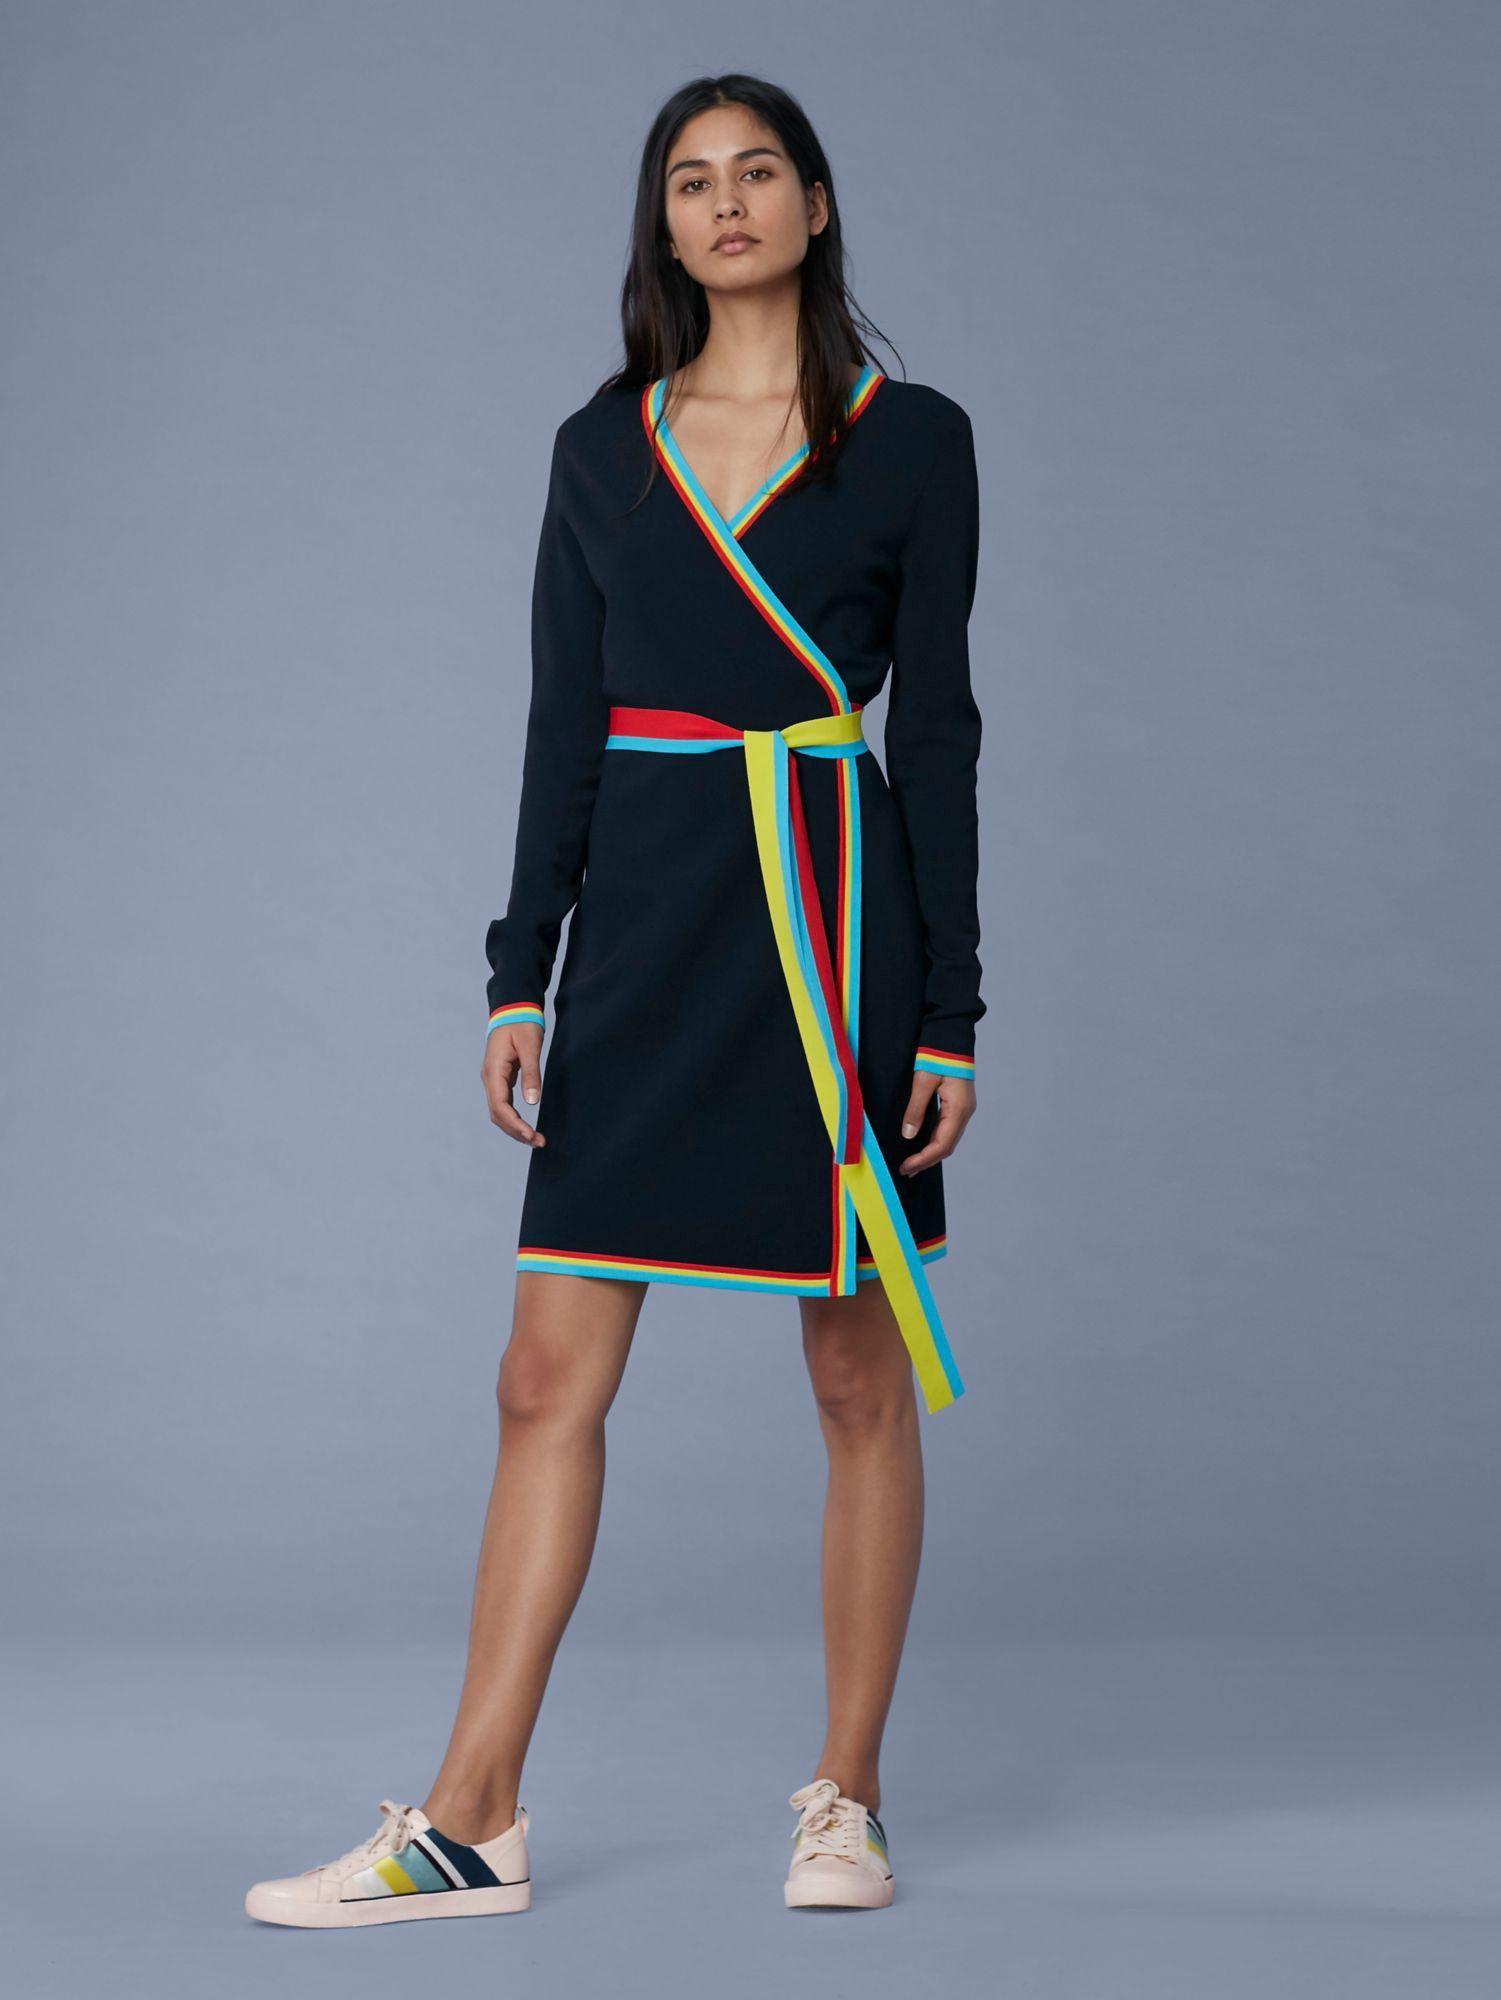 ab8dee90b07 Diane Von Furstenberg Dvf Sweater Wrap Dress - Alexander Navy Multi ...